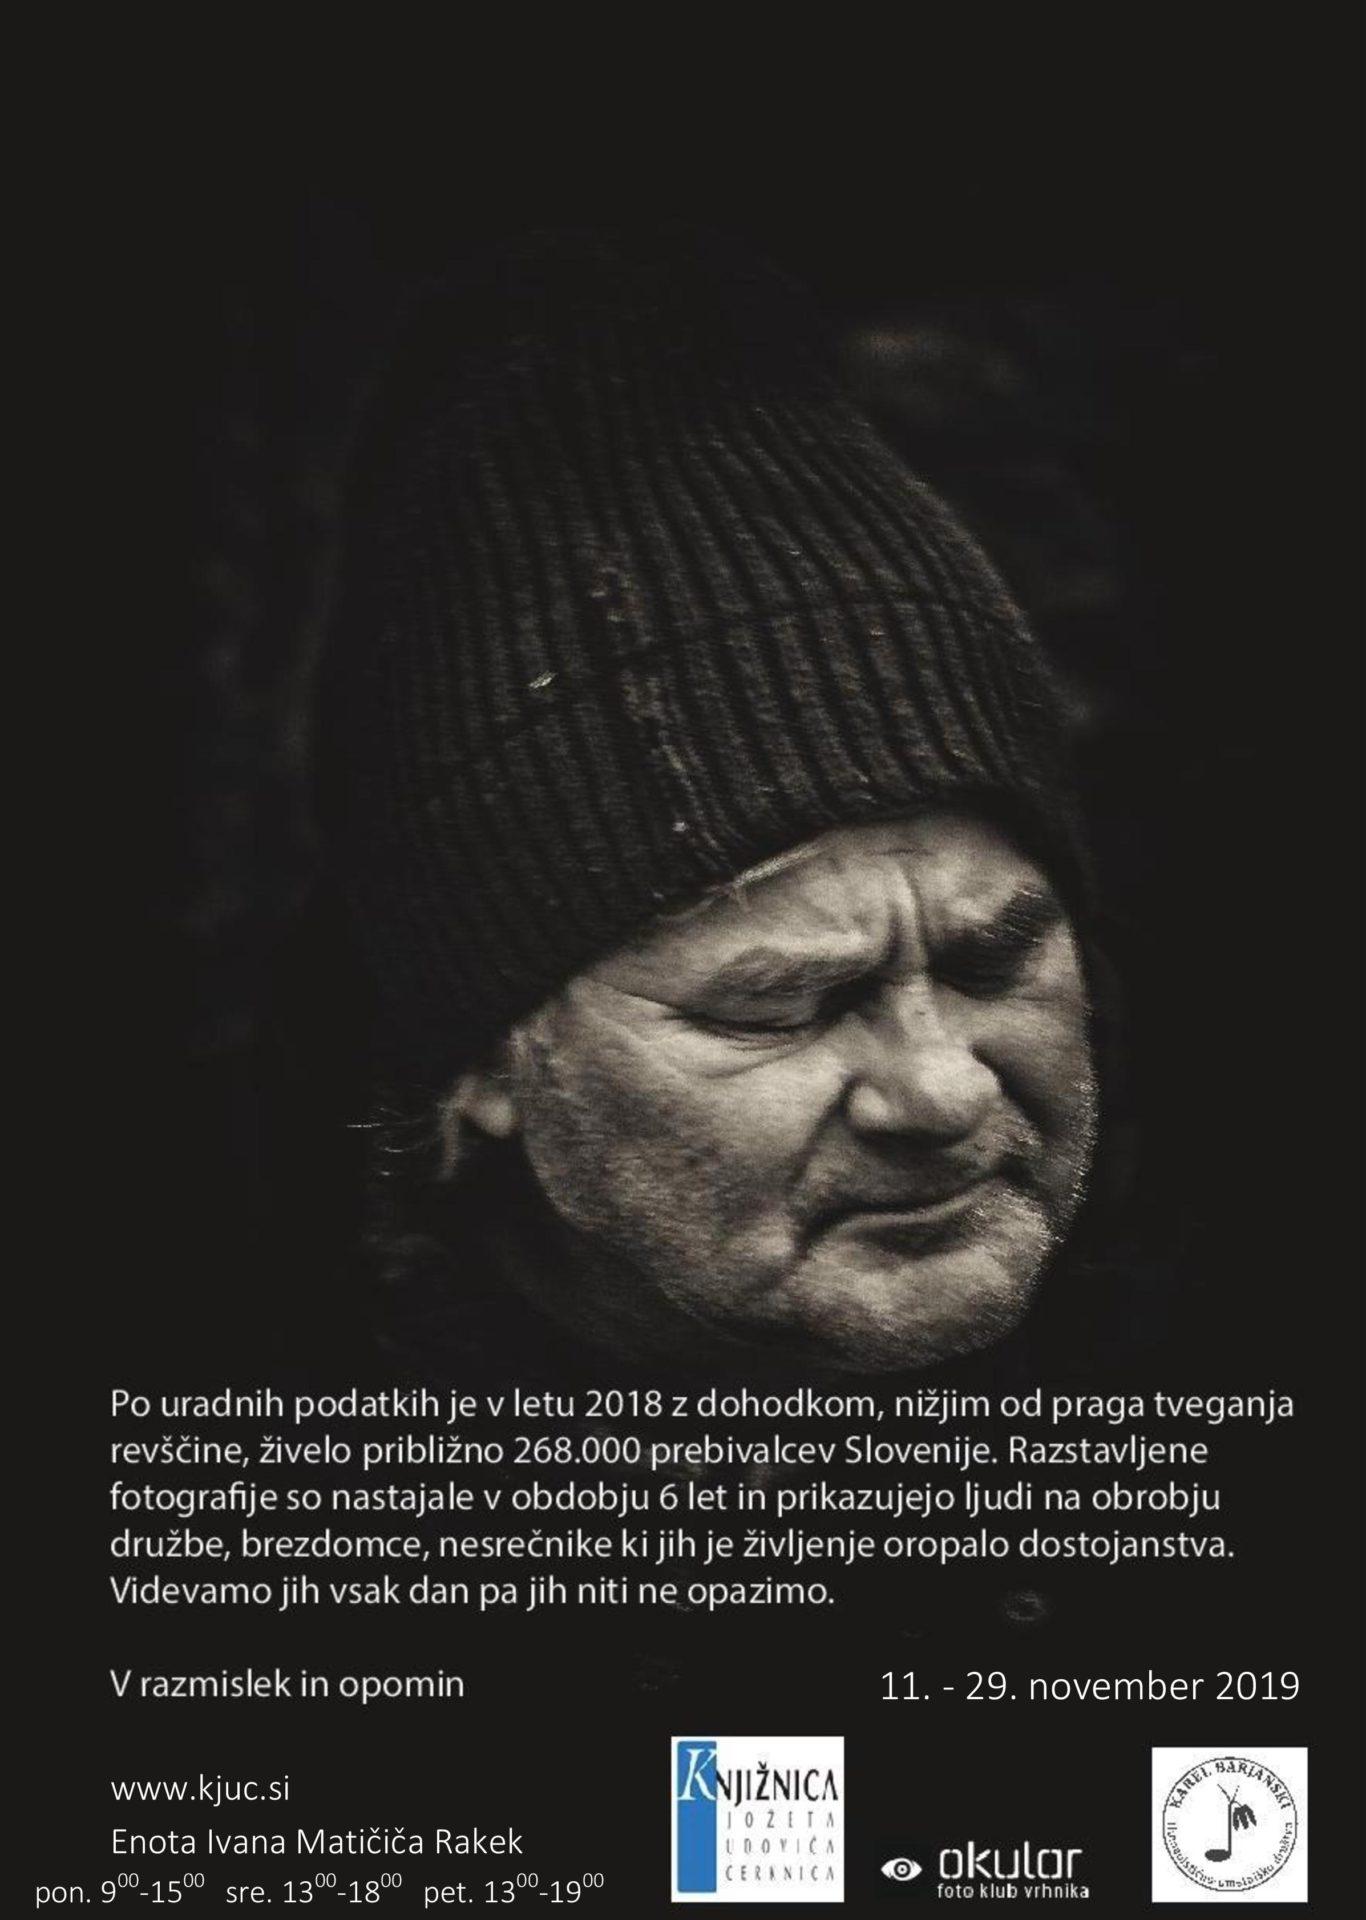 cover2 - Rado Krasnik - Na temni strani ulice: odprtje razstave fotografij